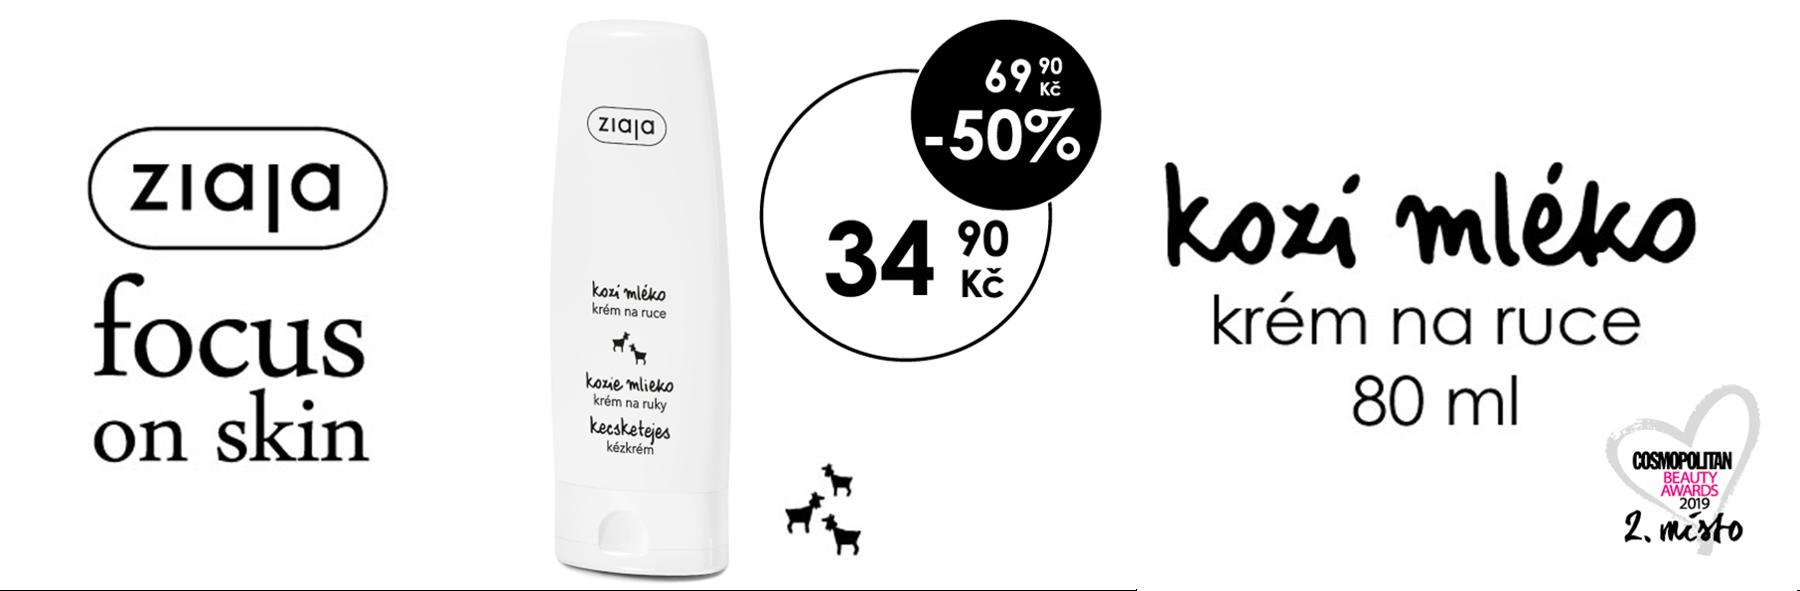 Kozí mléko Krém na ruce -50%